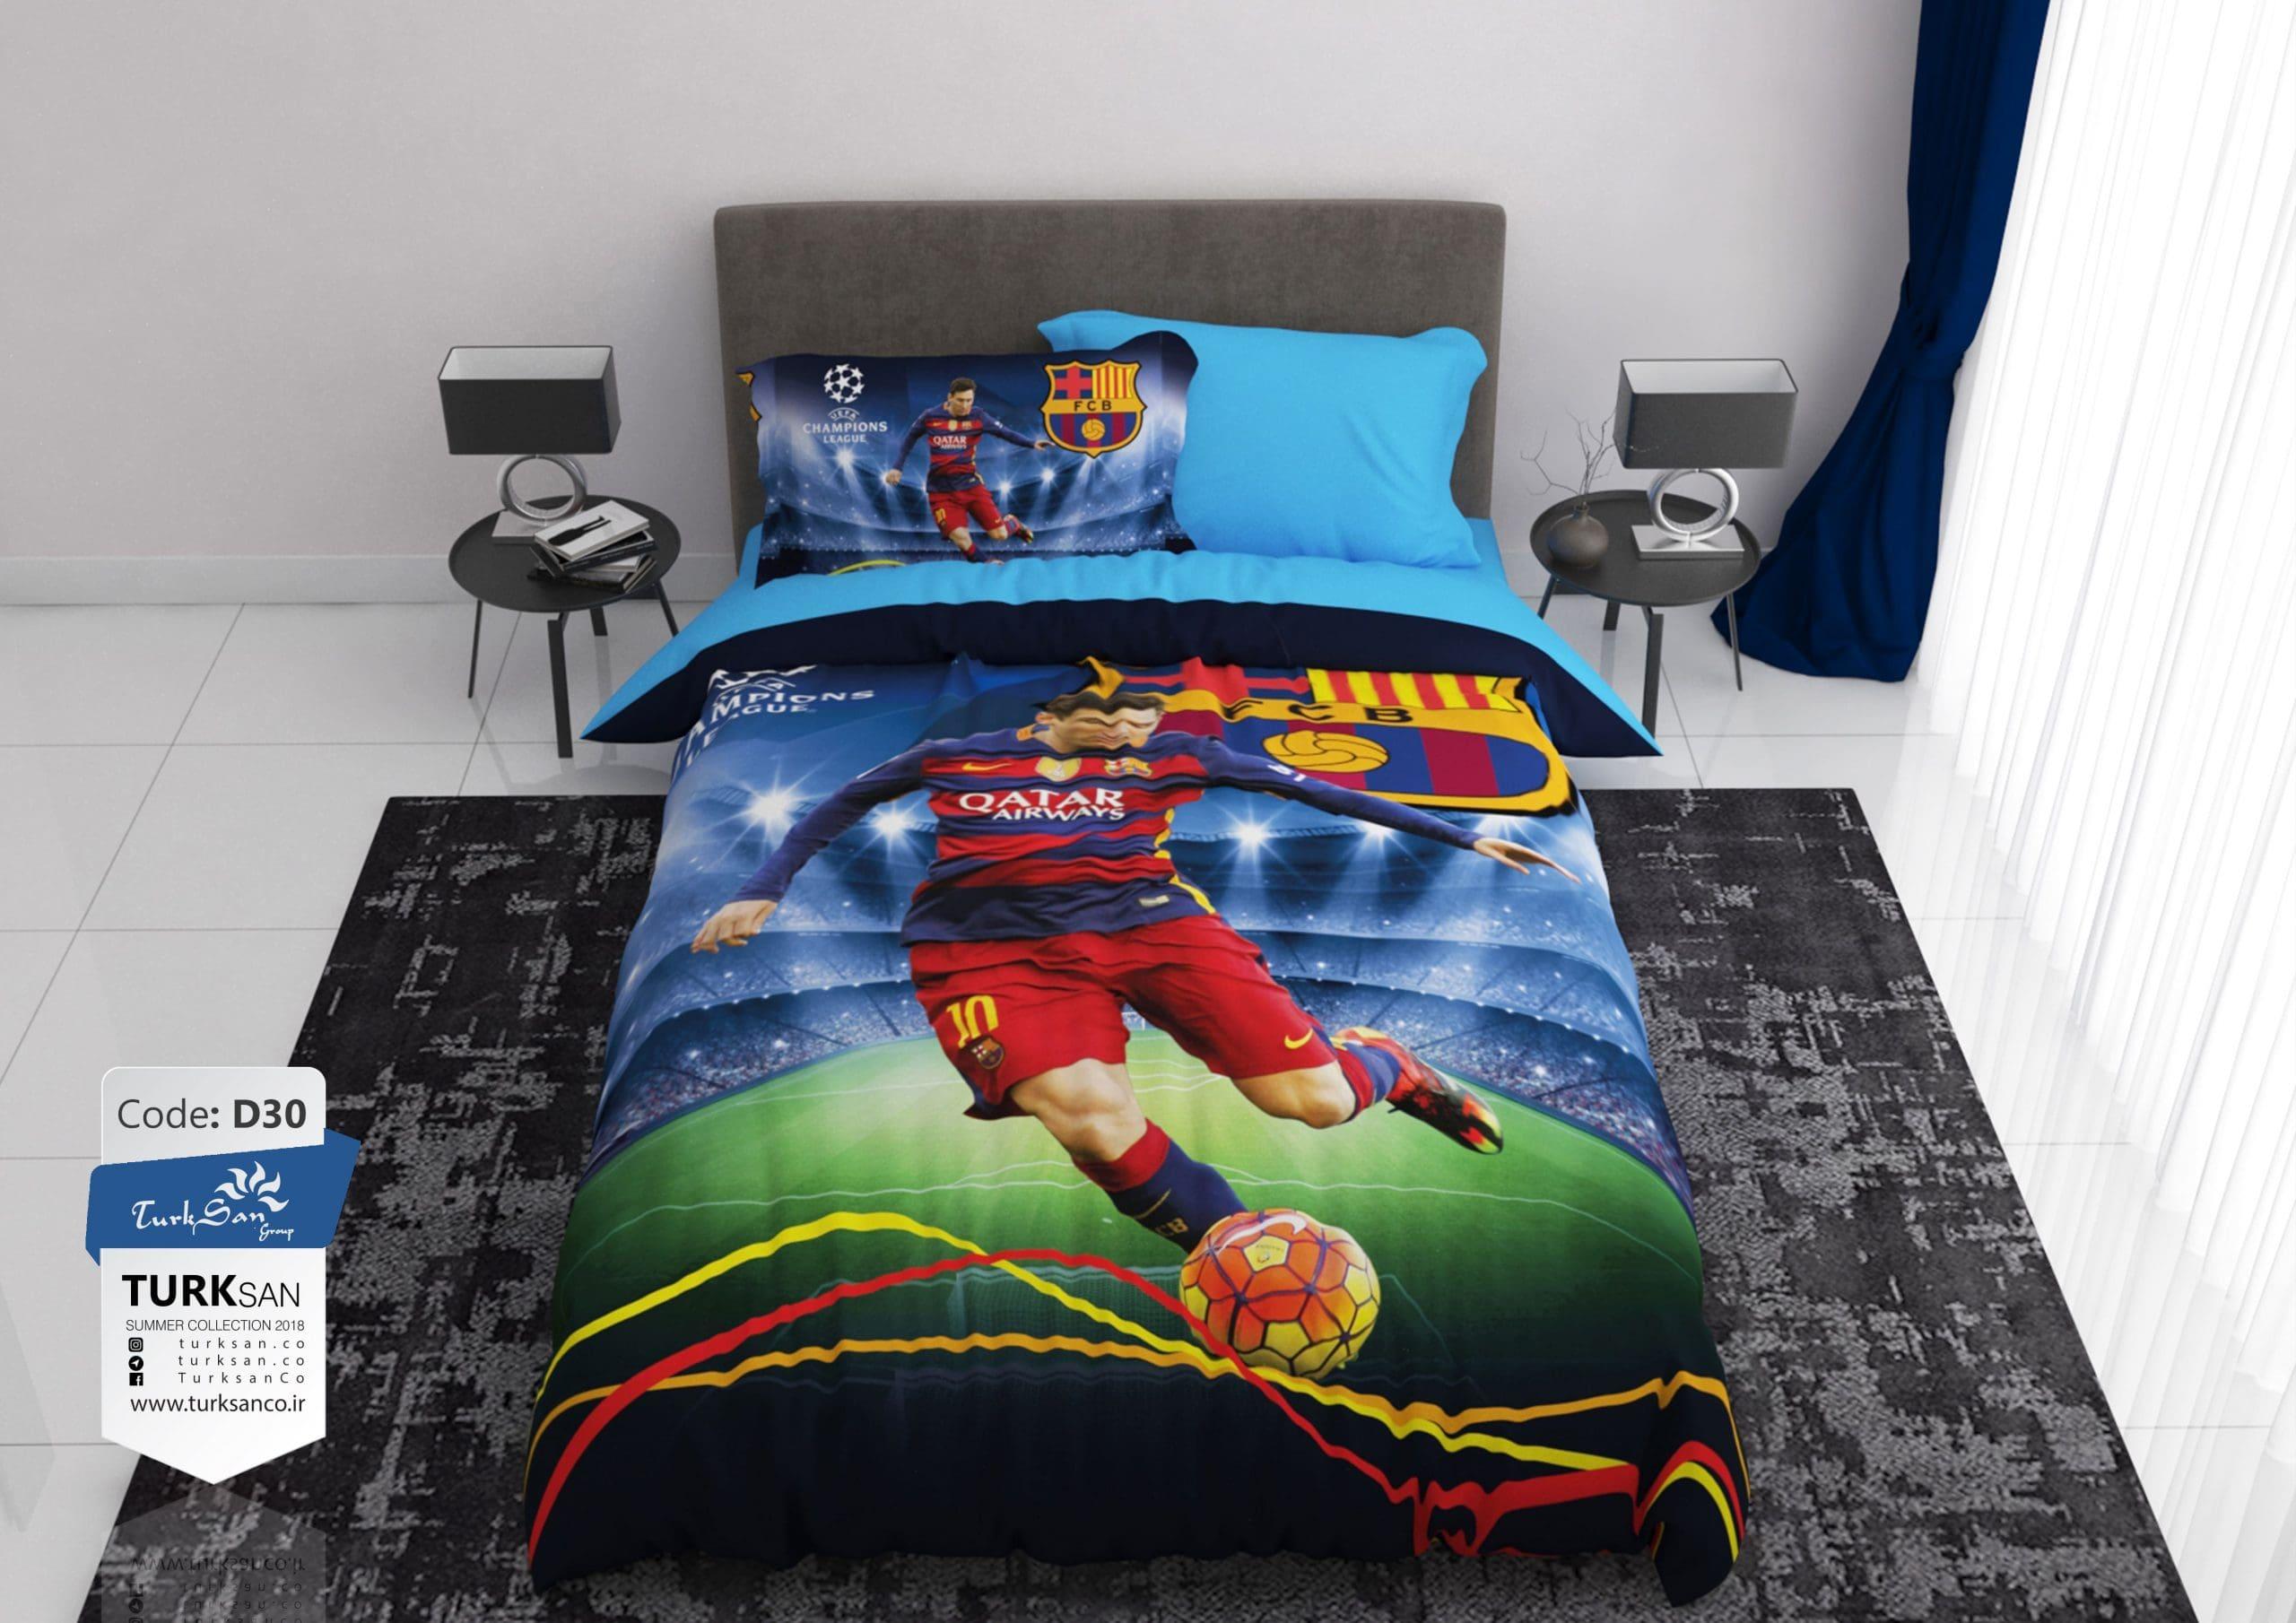 سرویس روتختی یک نفره بارسلونا   کالای خواب بدروم